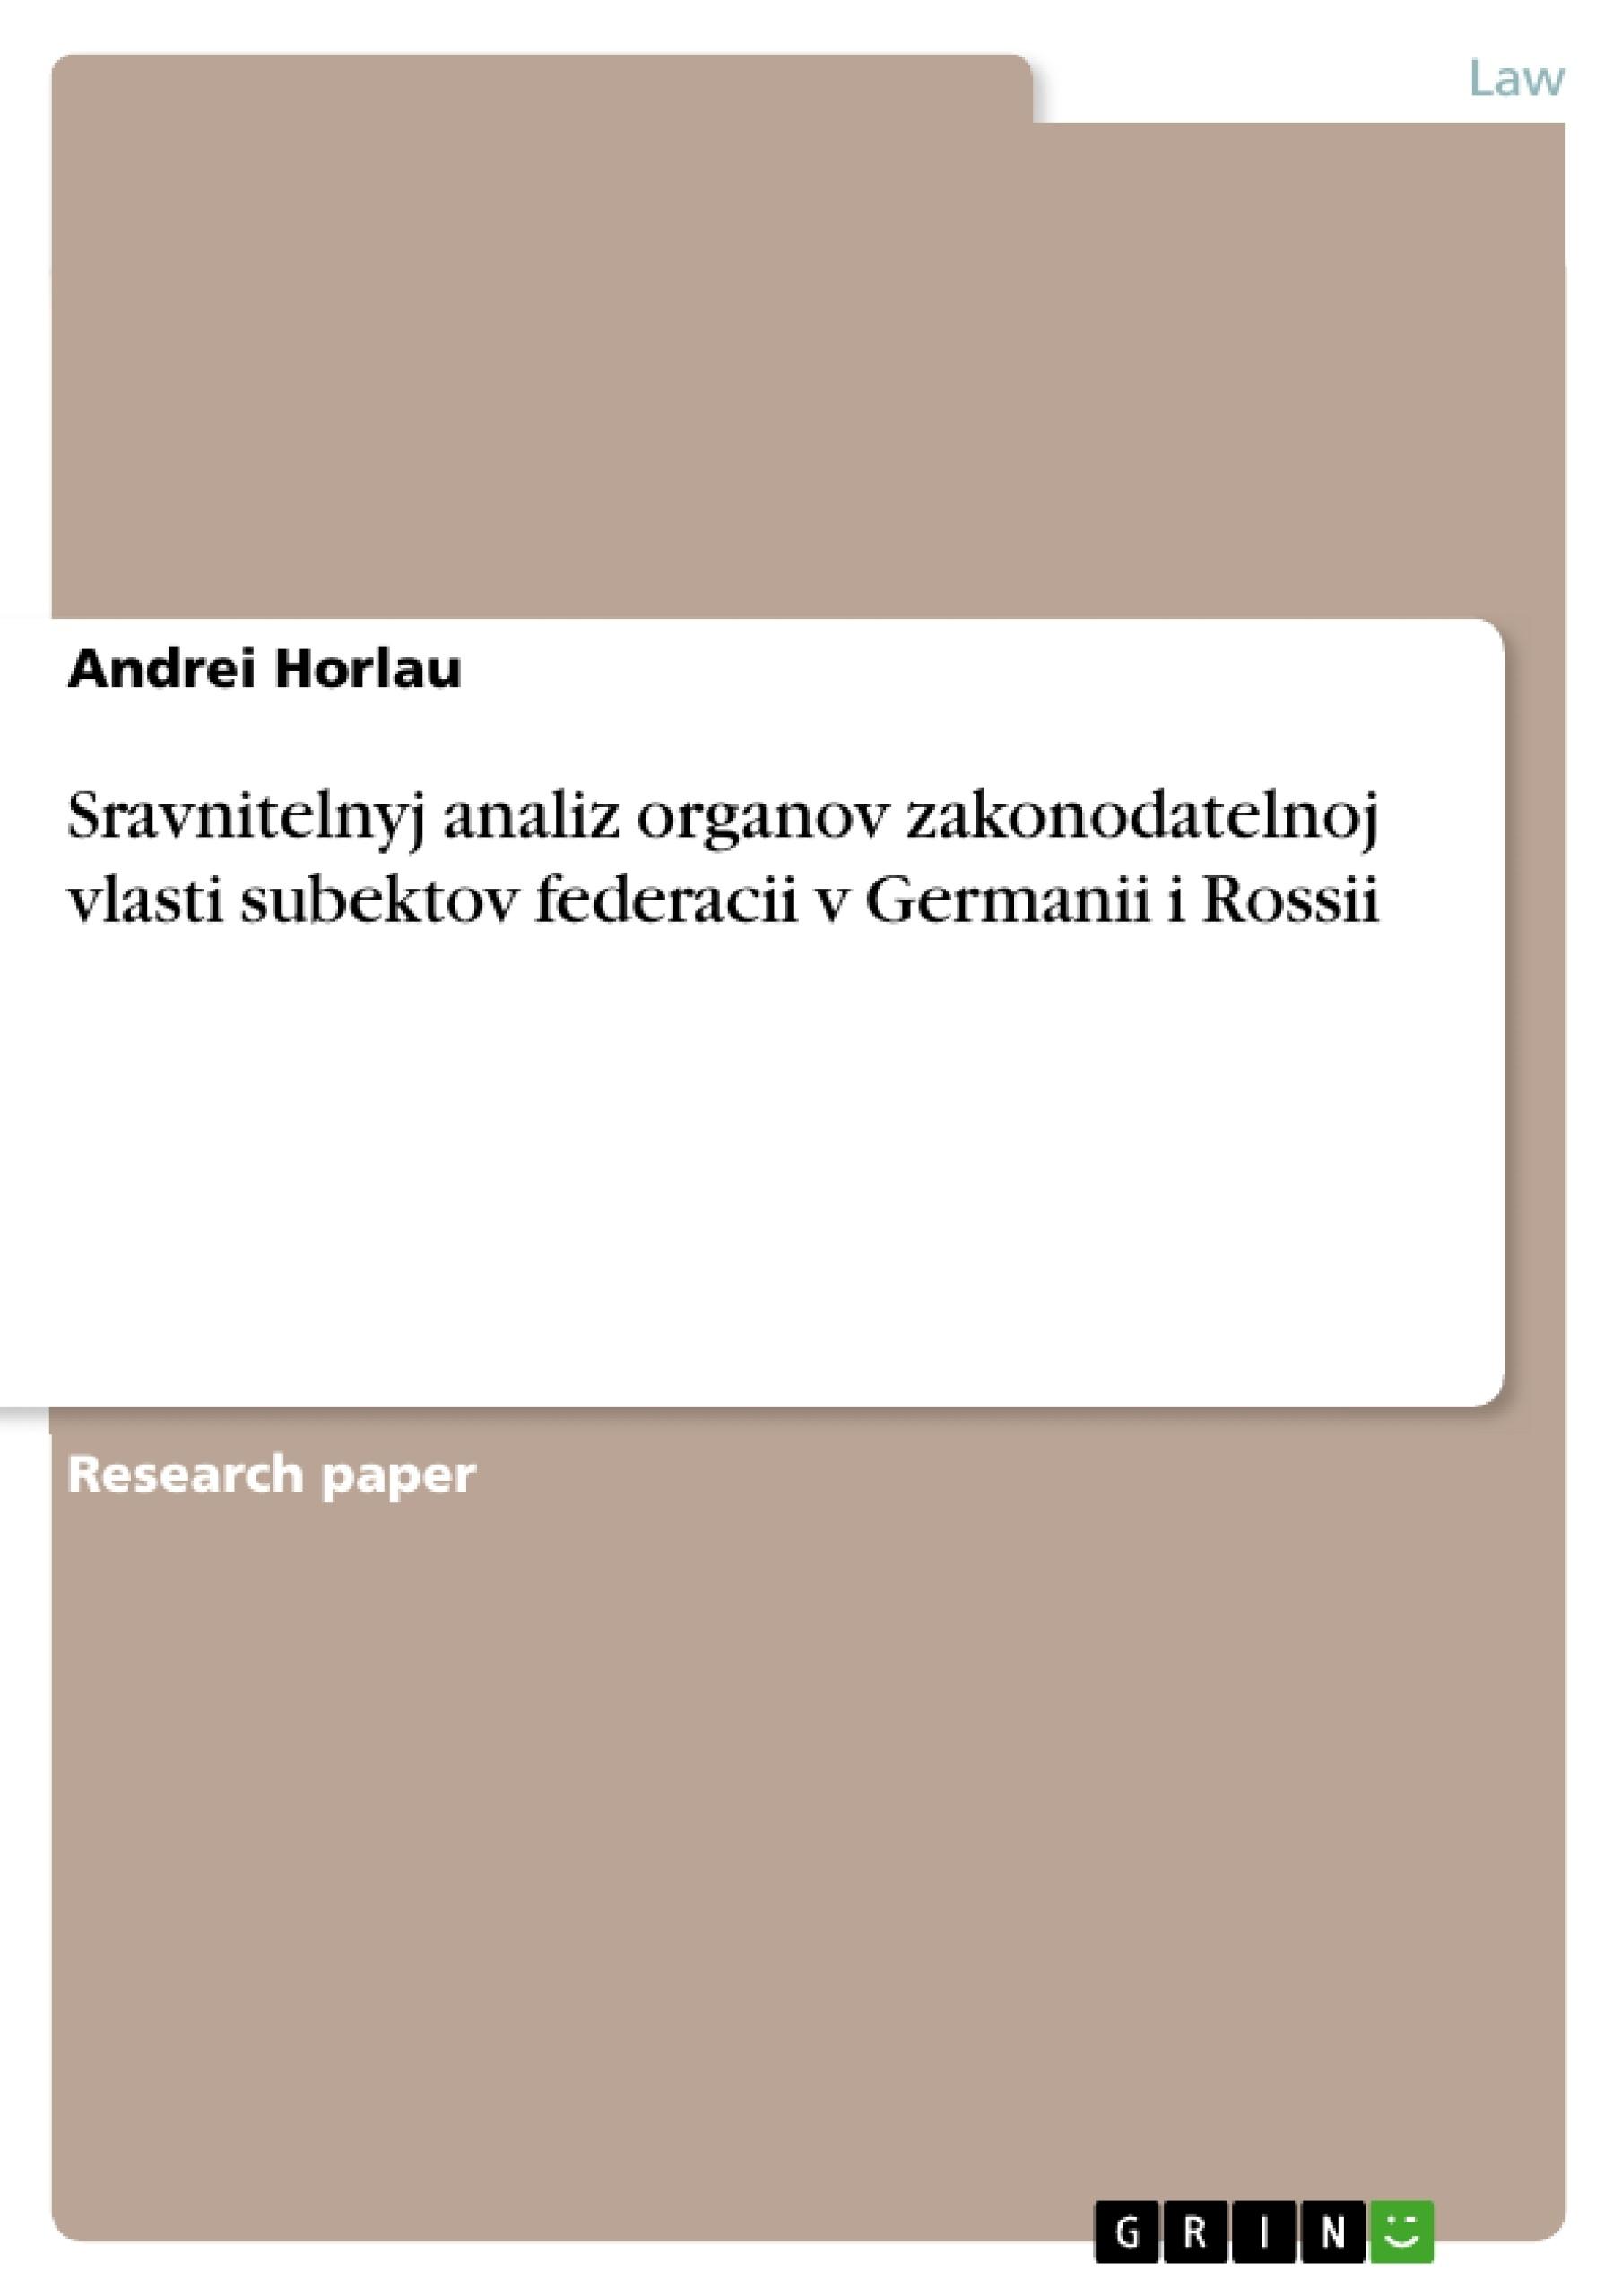 Title: Sravnitelnyj analiz organov zakonodatelnoj vlasti subektov federacii v Germanii i Rossii